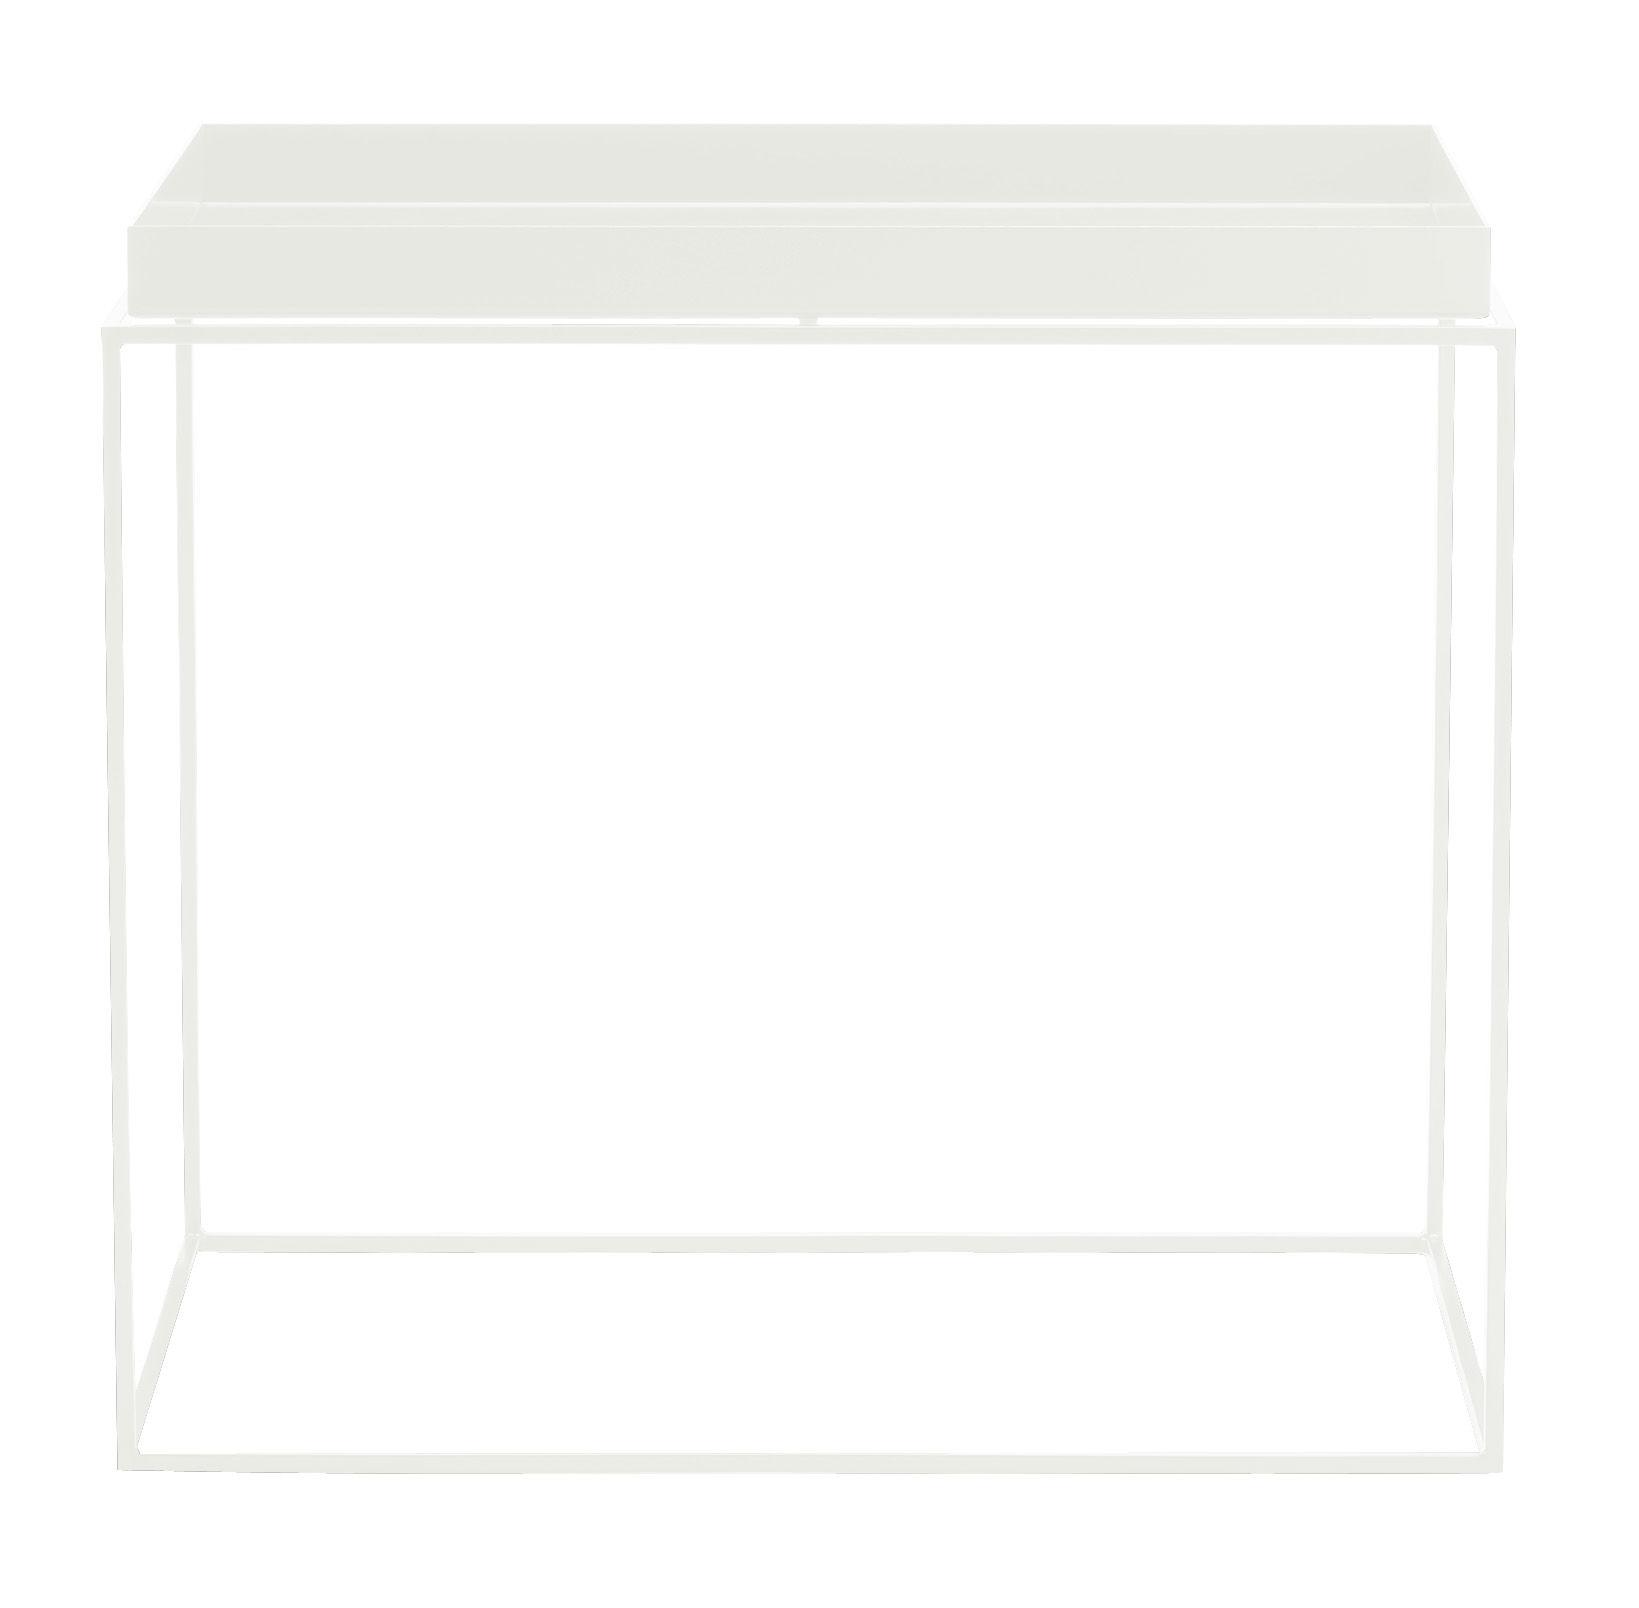 Mobilier - Tables basses - Table basse Tray H 50 cm / 60 x 40 cm - Rectangulaire - Hay - Blanc - Acier laqué